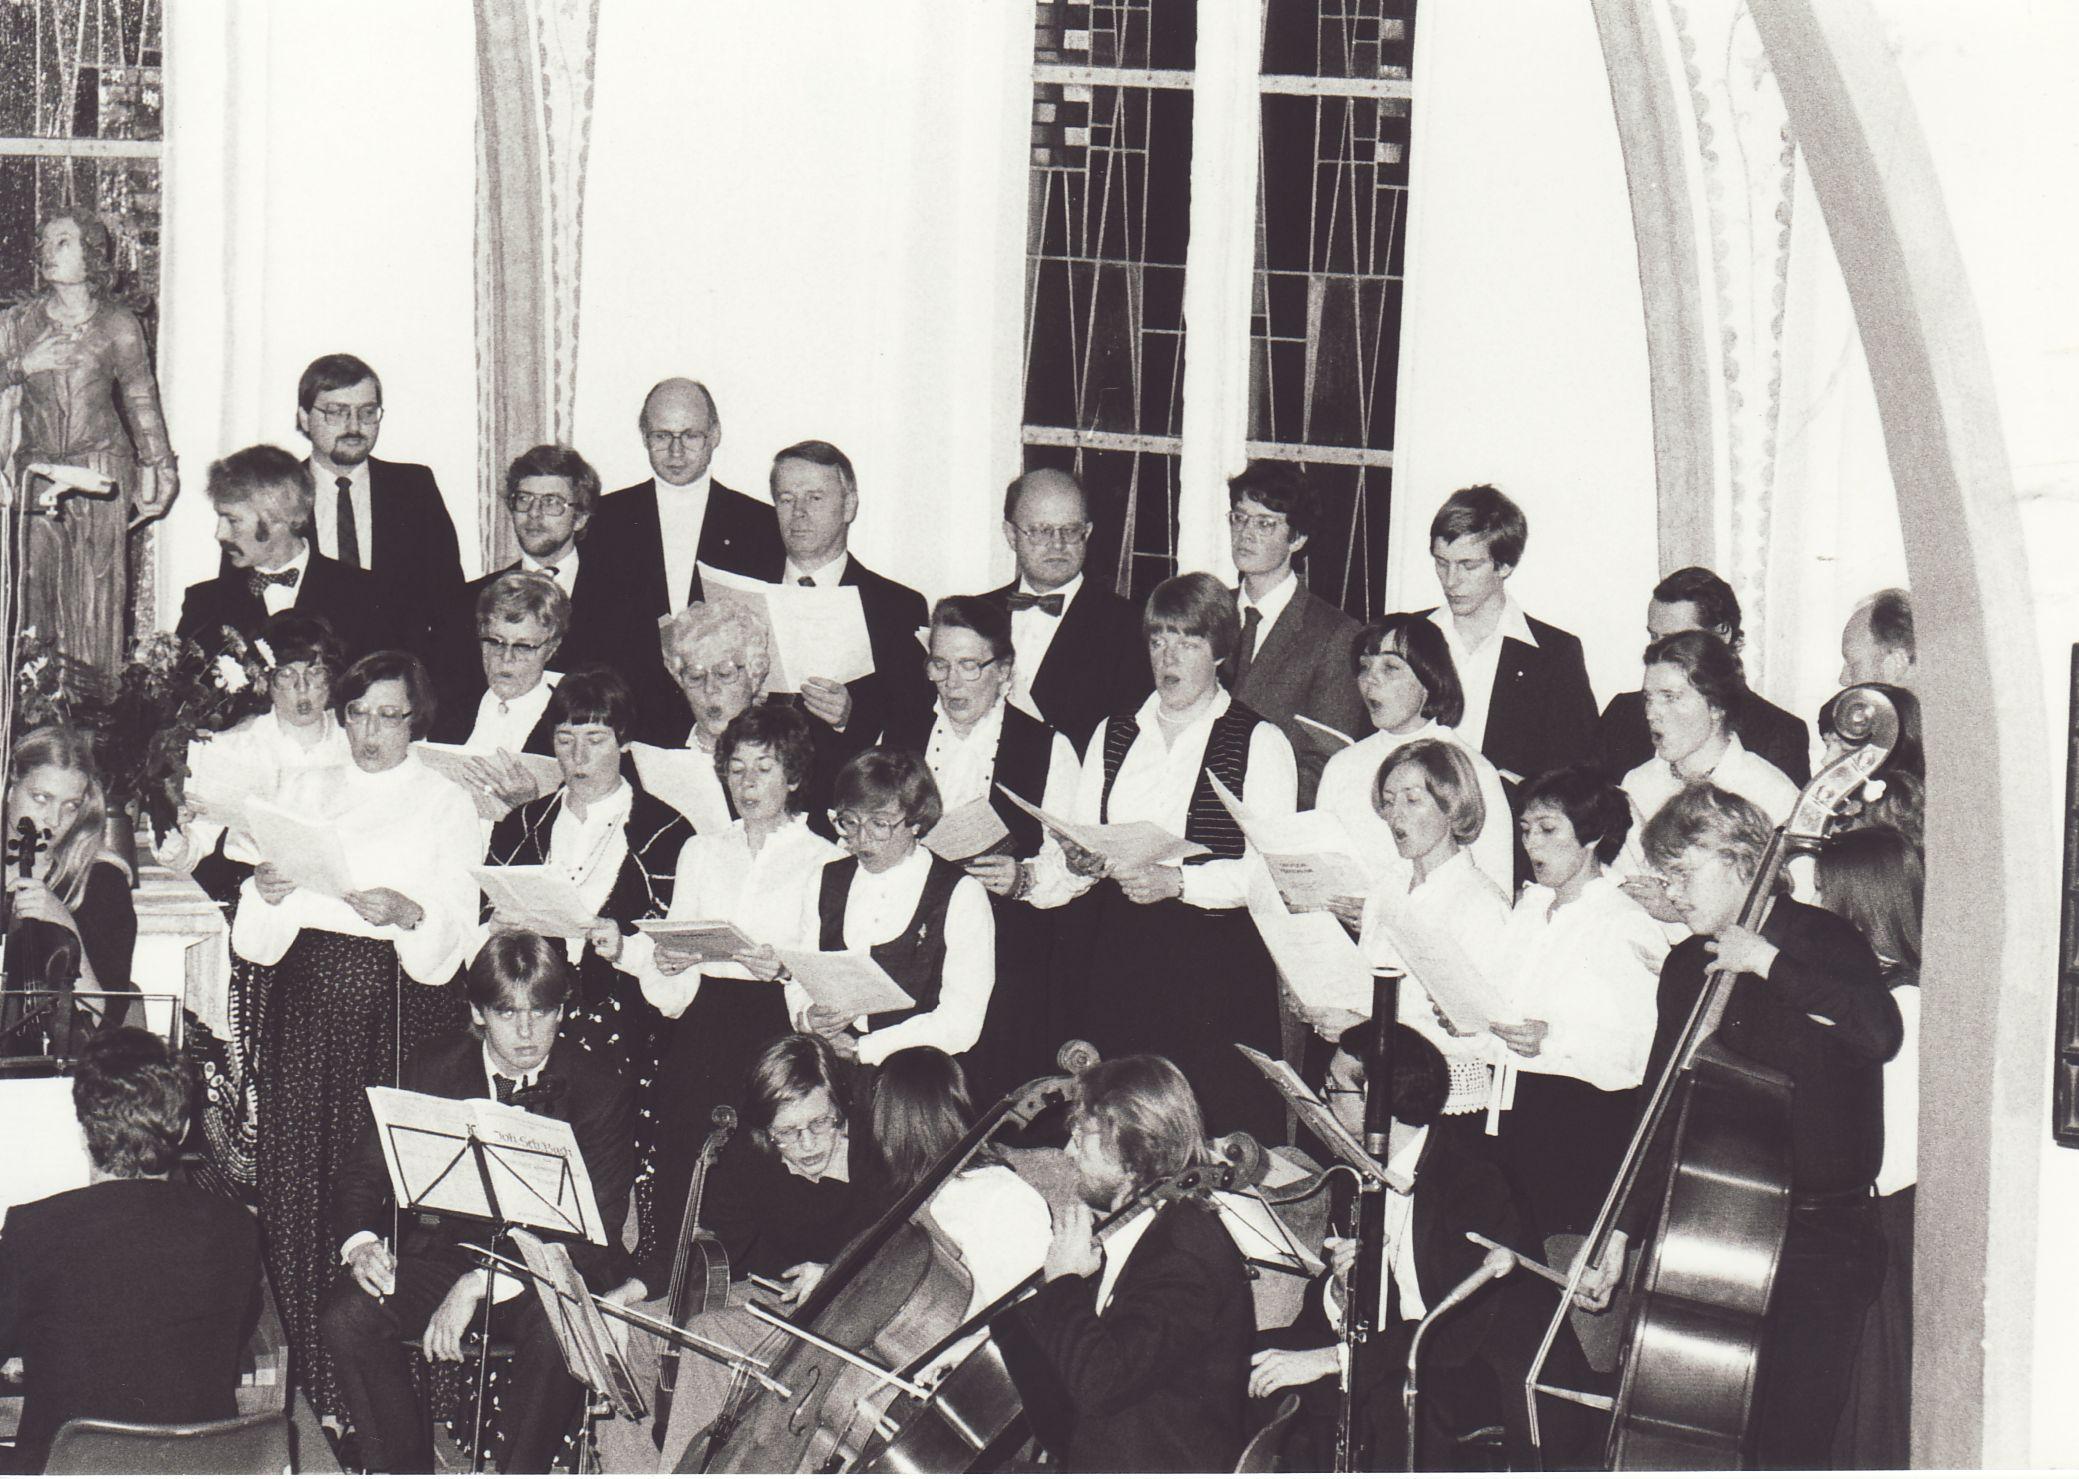 1981: Oratorium Historia di Jephte